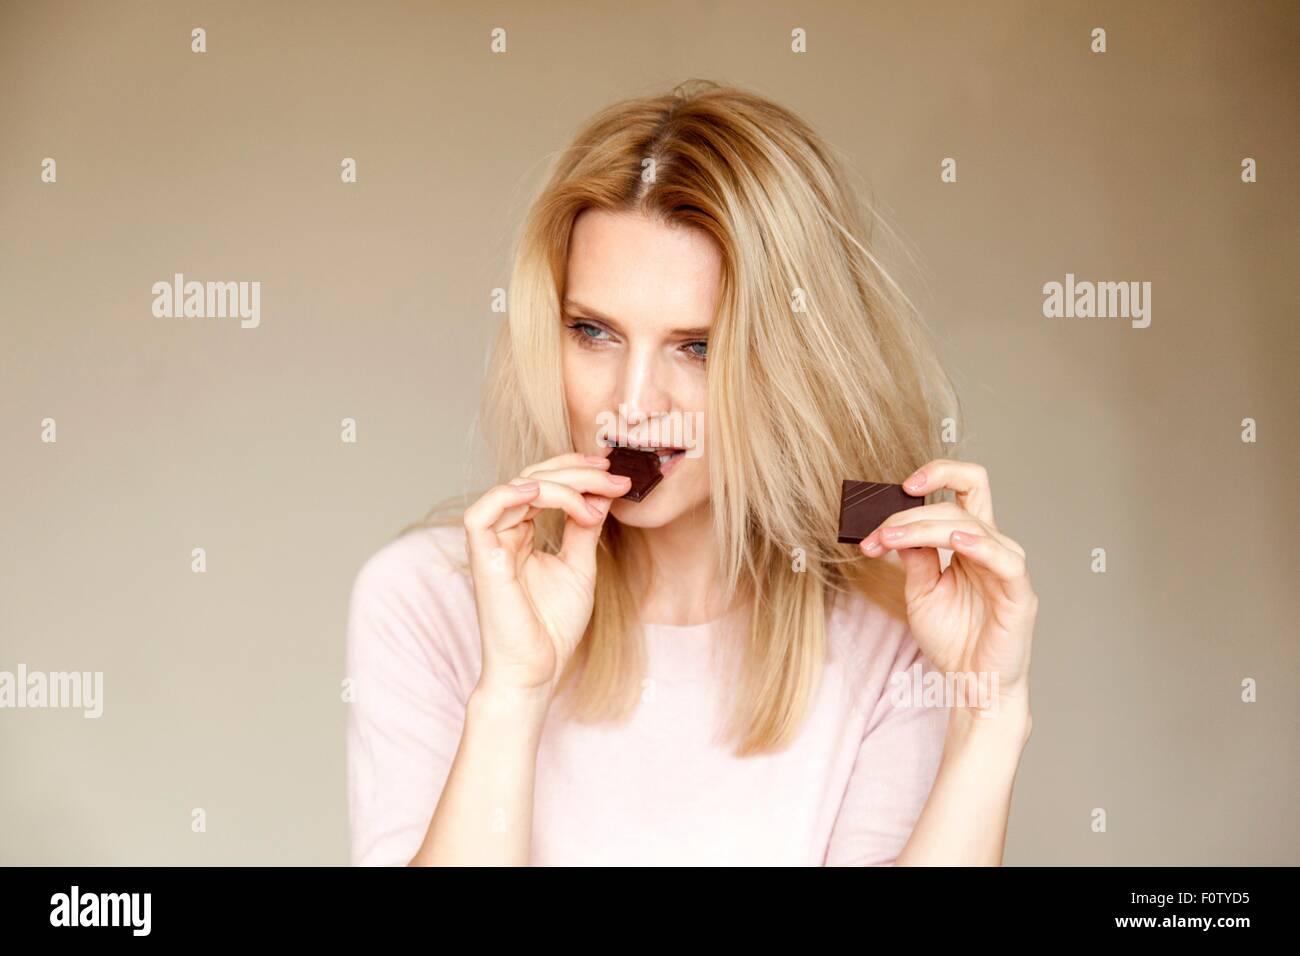 Portrait der schönen Frau mit langen blonden Haaren Essen Schokoriegel Stockbild